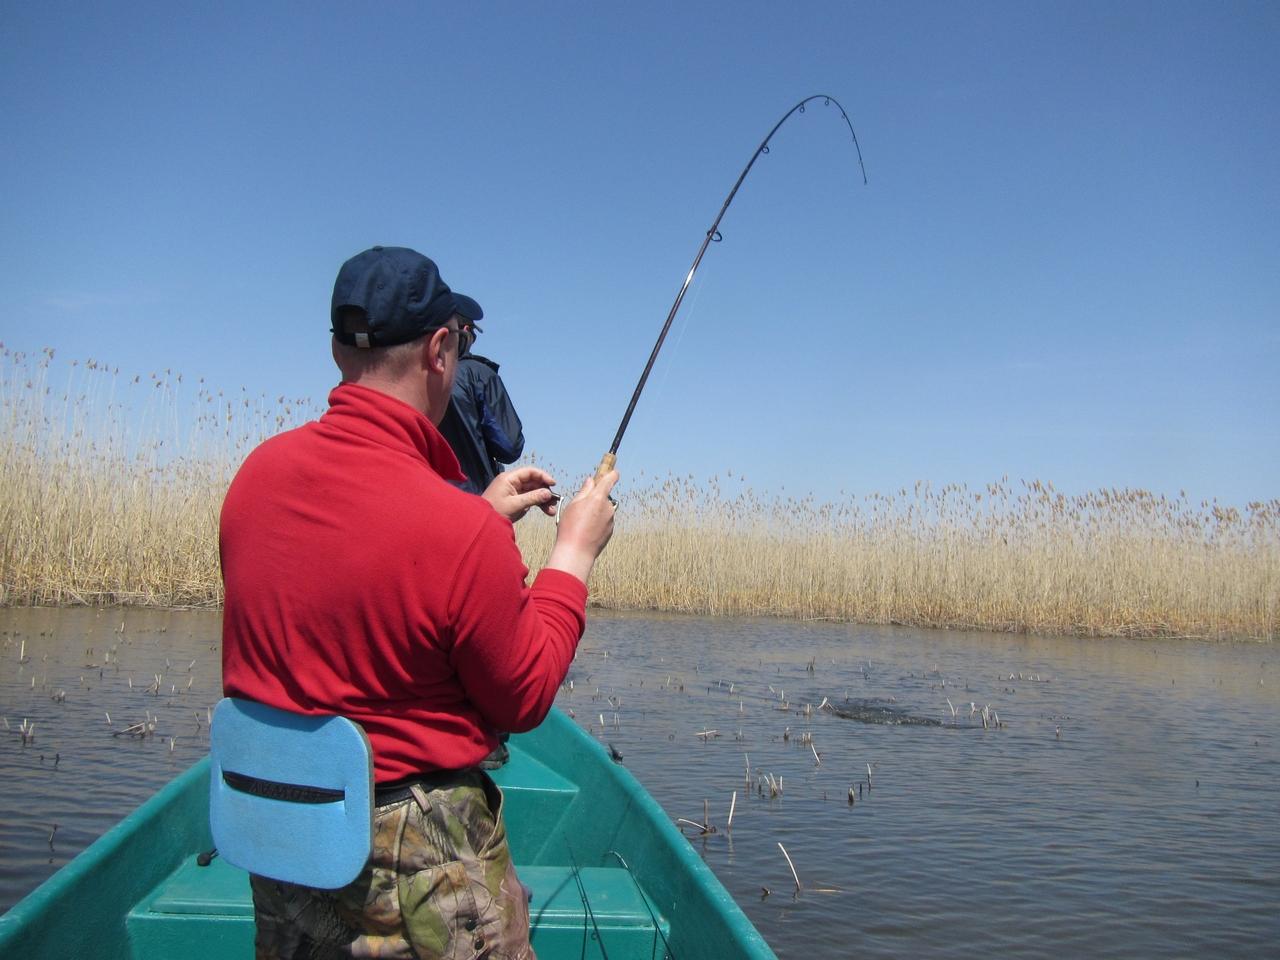 рыбалка в астраханской области частный сектор цена